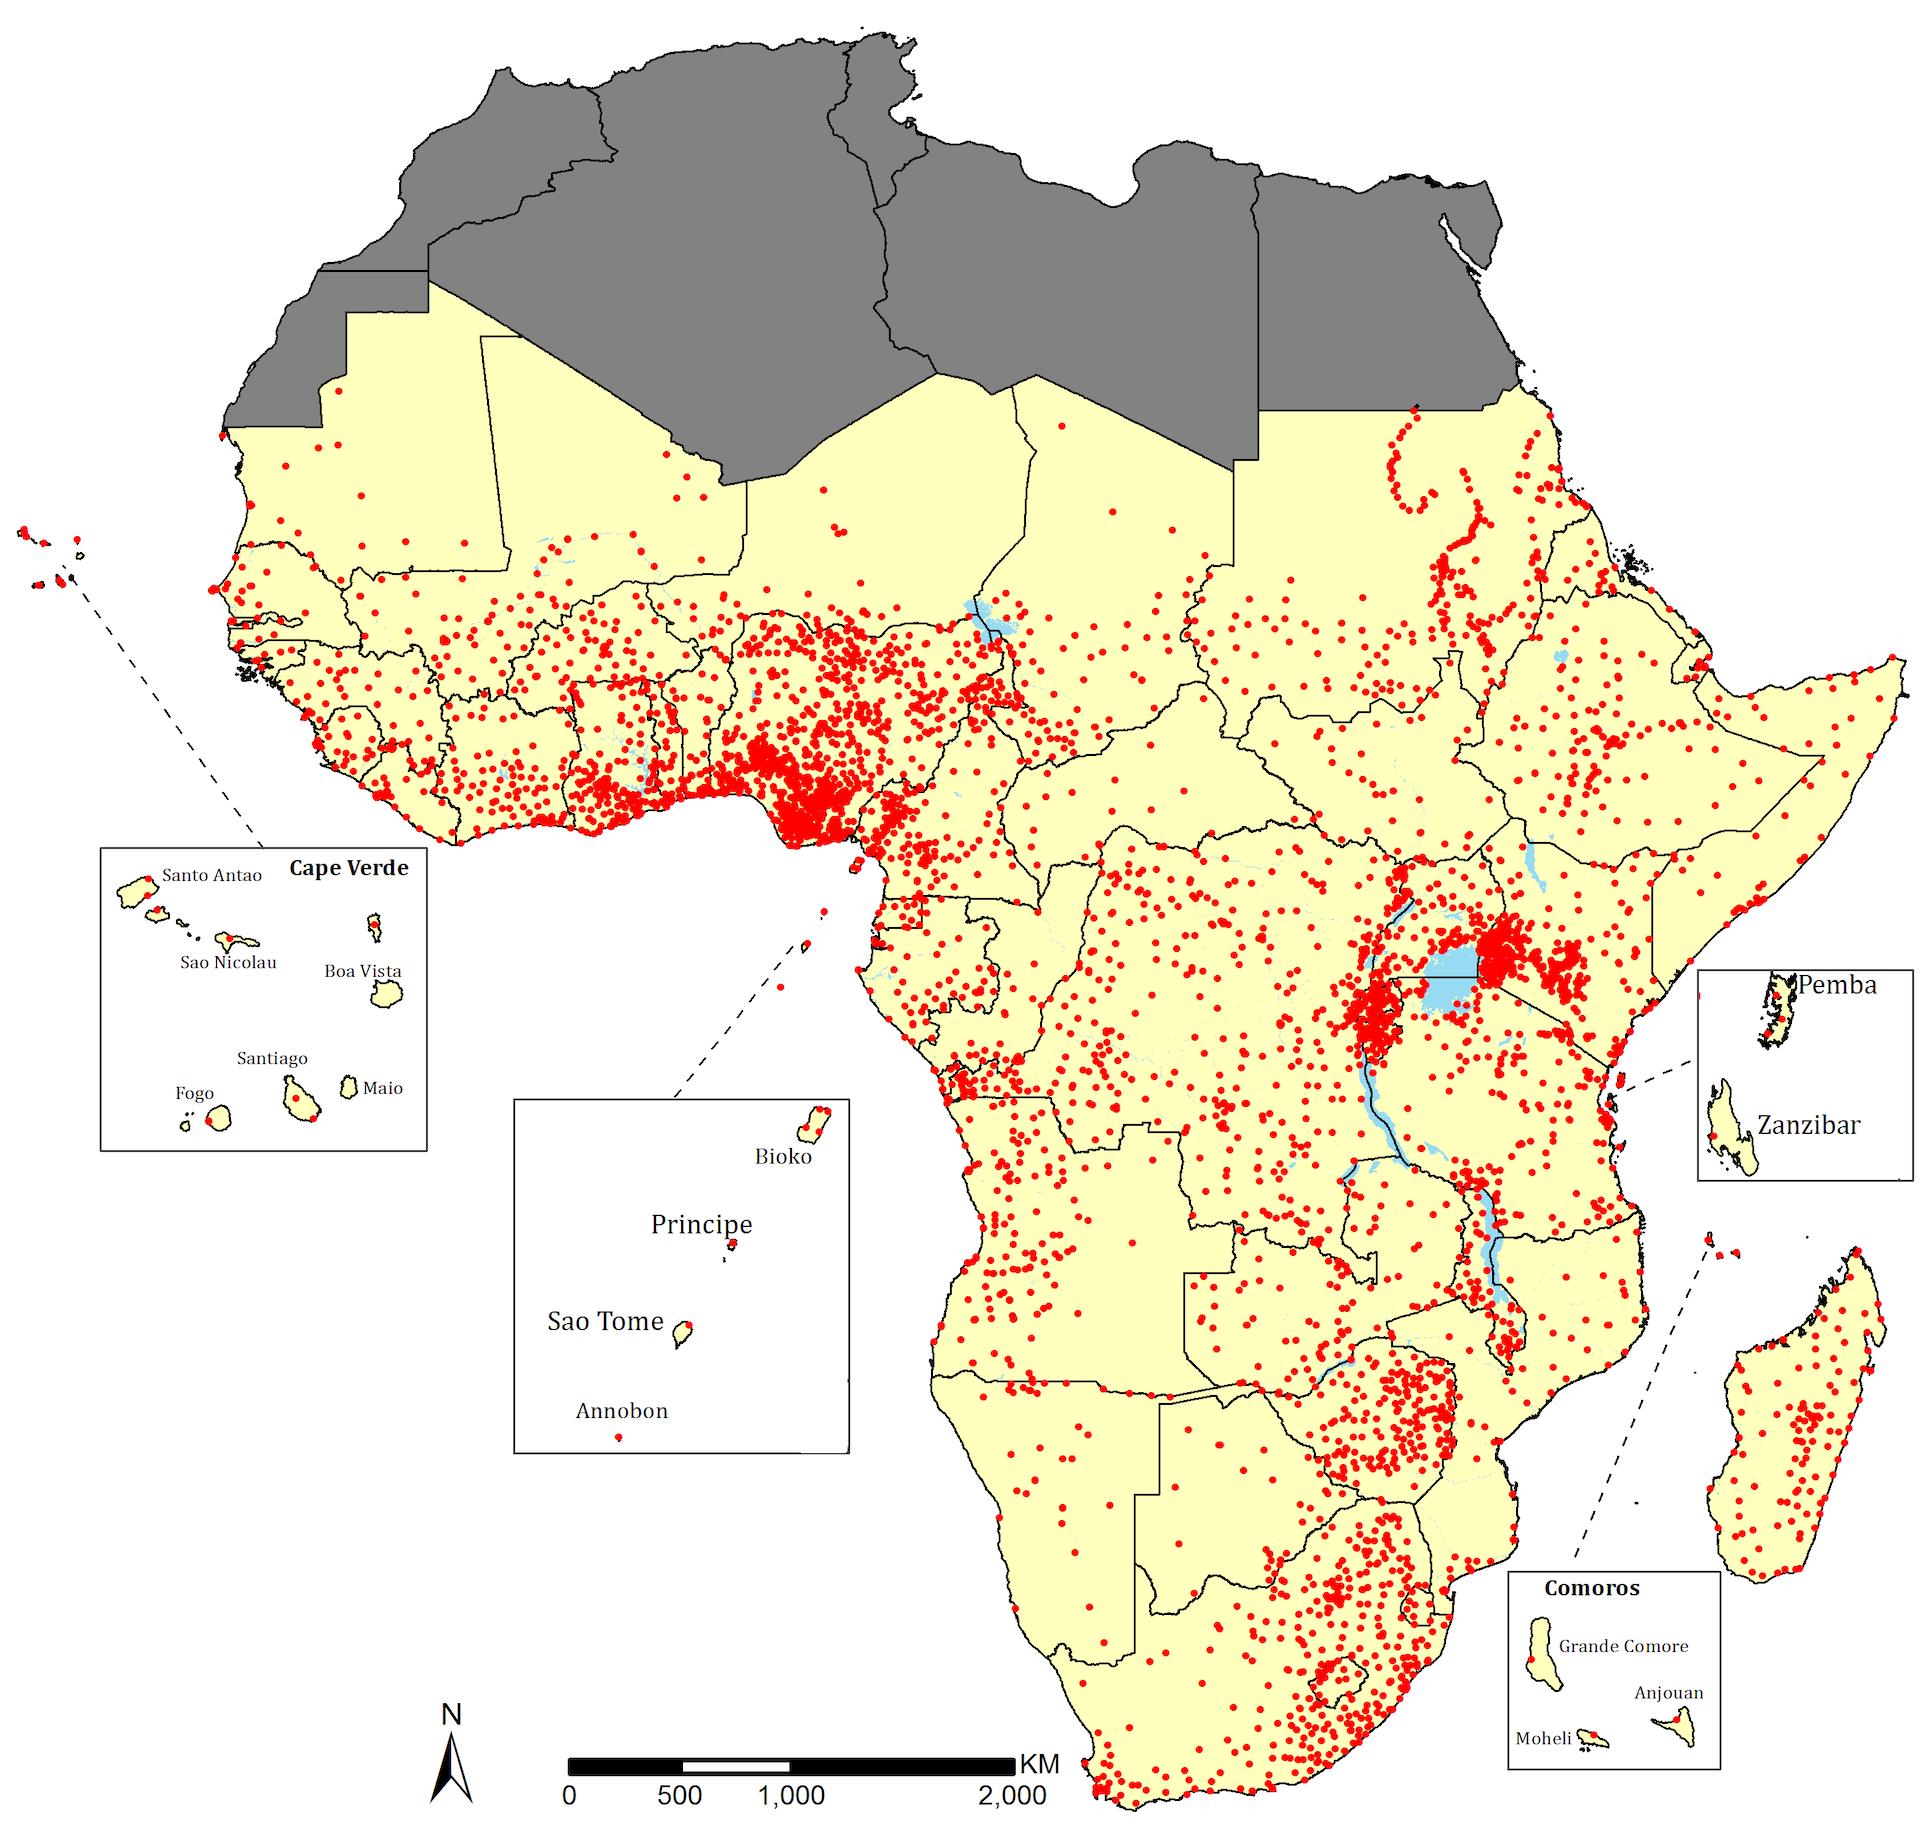 Mapa de hospitales públicos en África.Imagen: Cedida por el autor